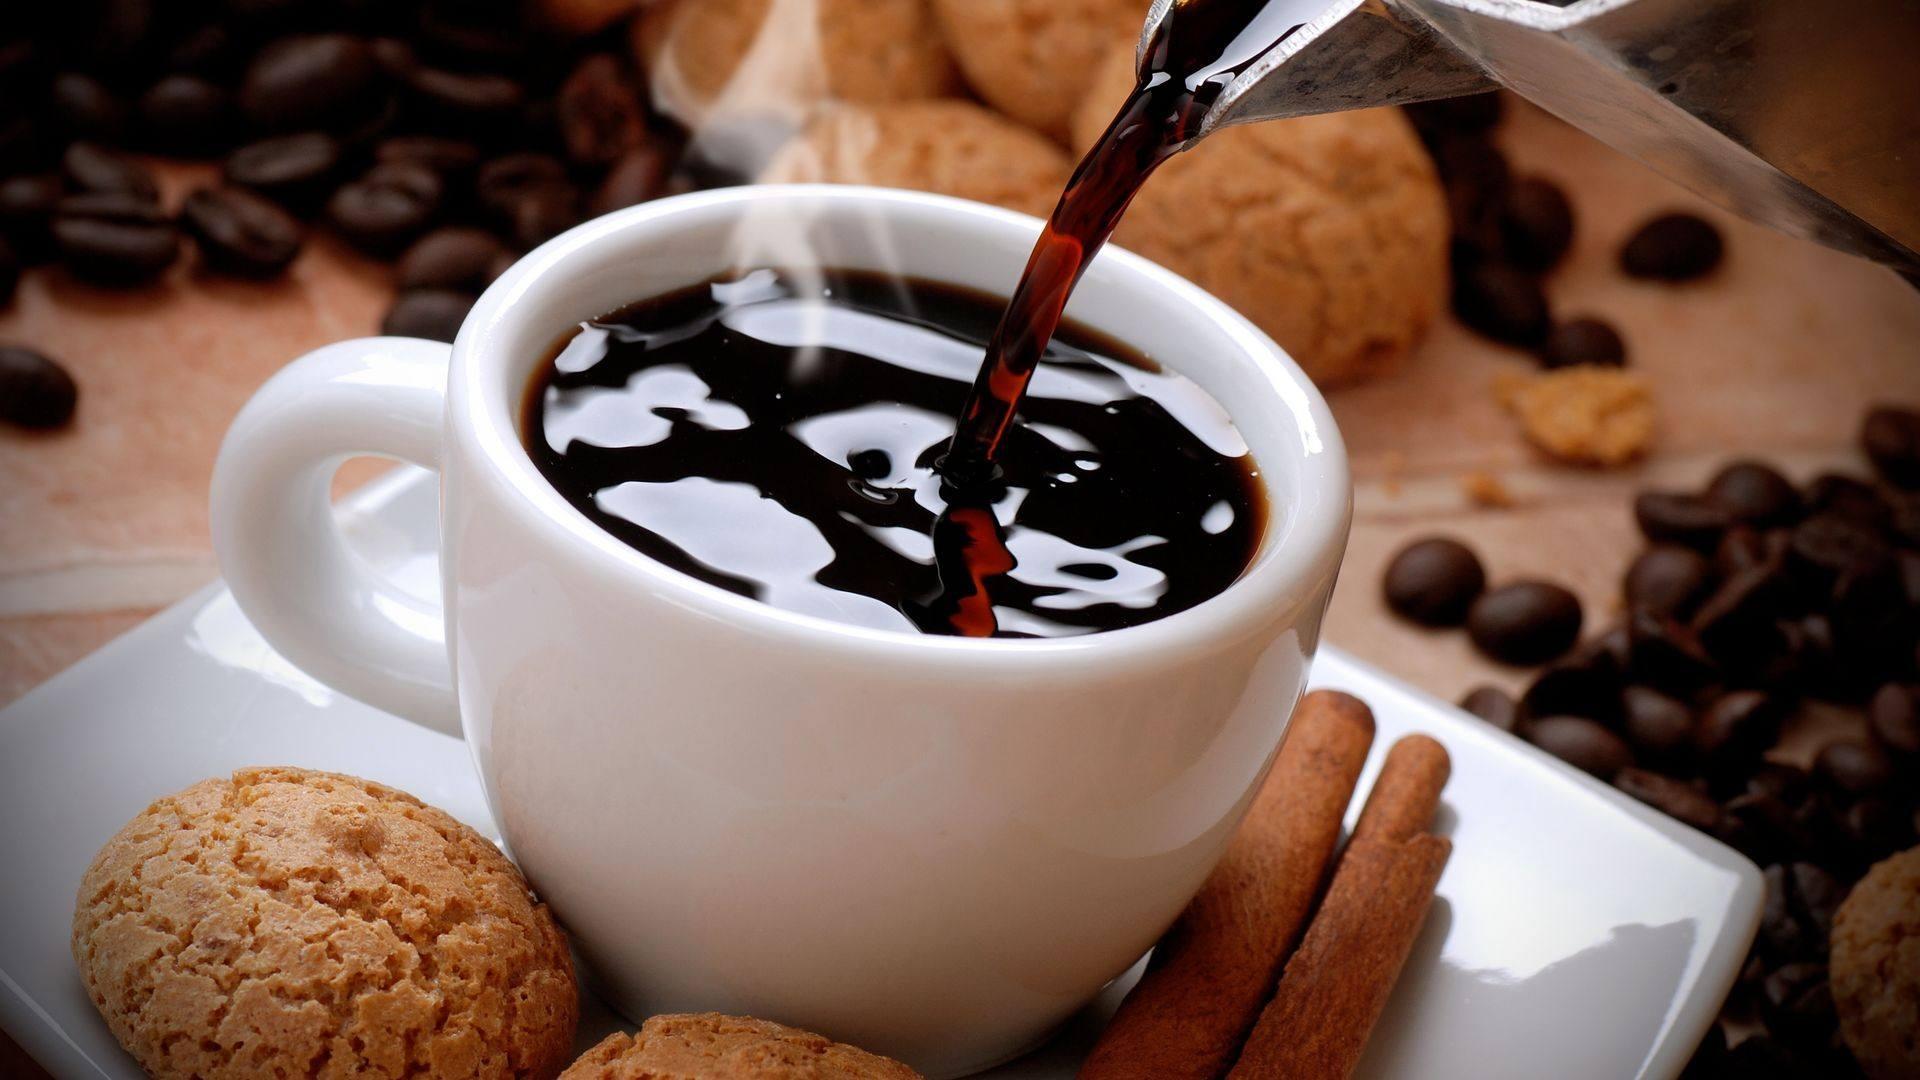 经常喝咖啡对身体有什么影响?